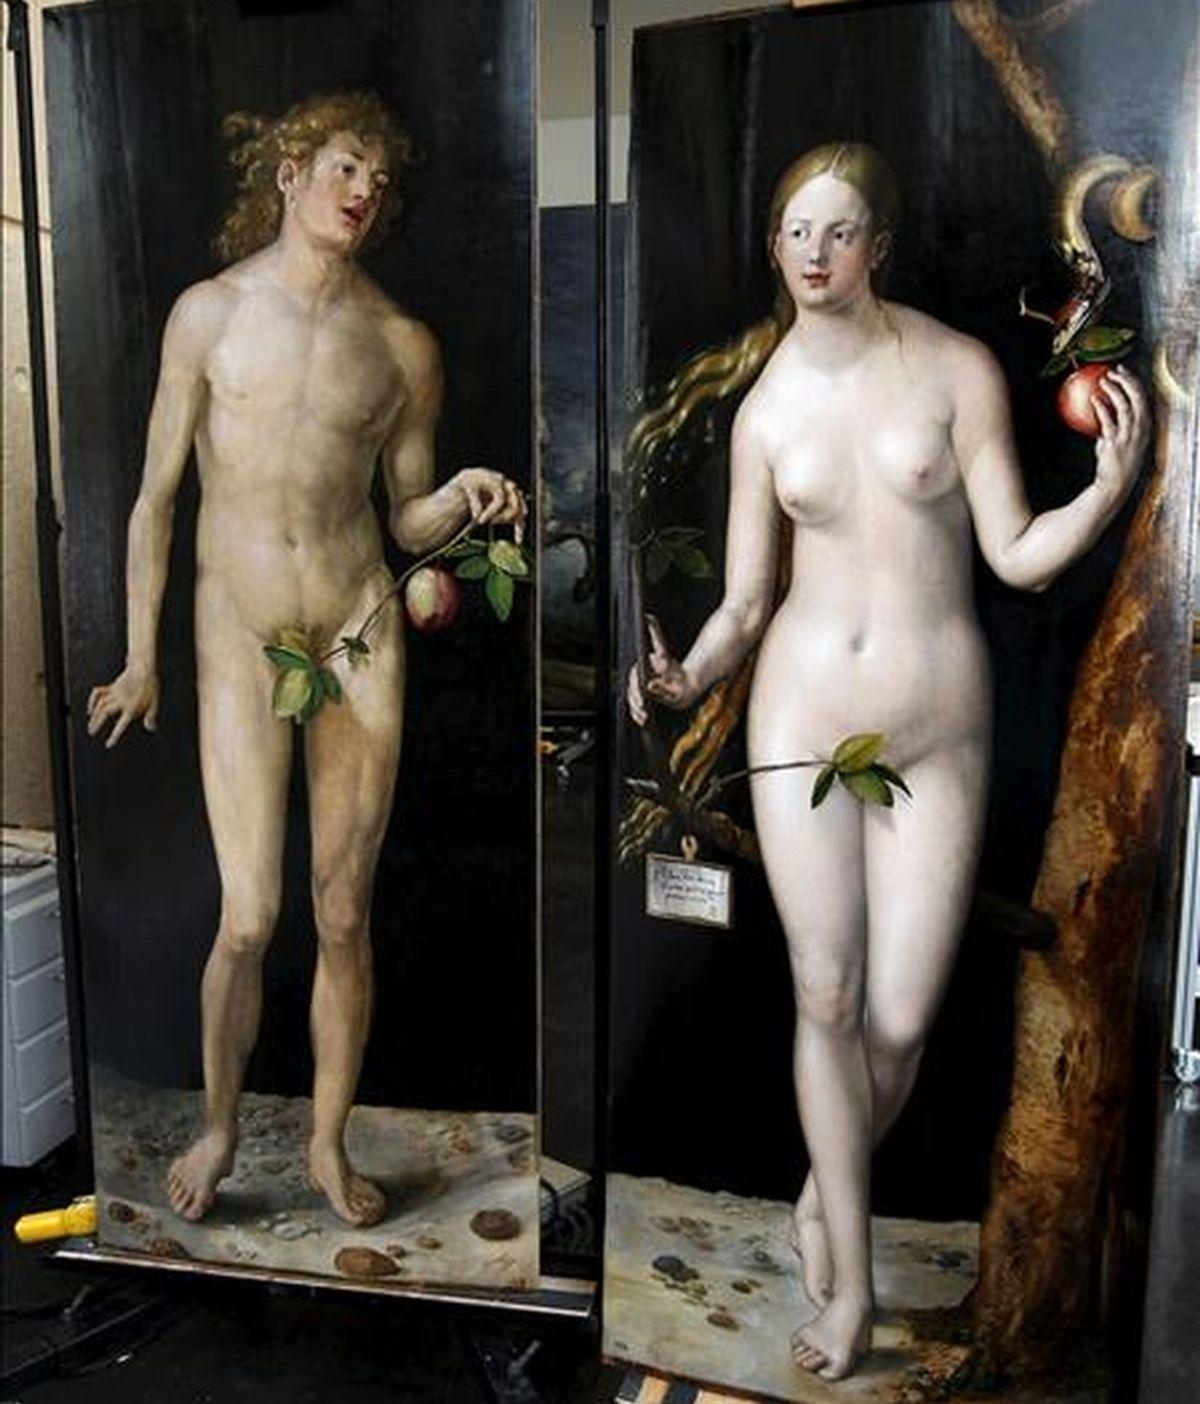 """Las obras """"Adán """" y """"Eva"""" de Alberto Durero están siendo objeto de un laborioso proceso de restauración en el taller del Museo del Prado que la pinacoteca mostró hoy, coincidiendo con el curso """"El Prado oculto. La vida secreta del museo"""" que se celebra esta semana. EFE"""